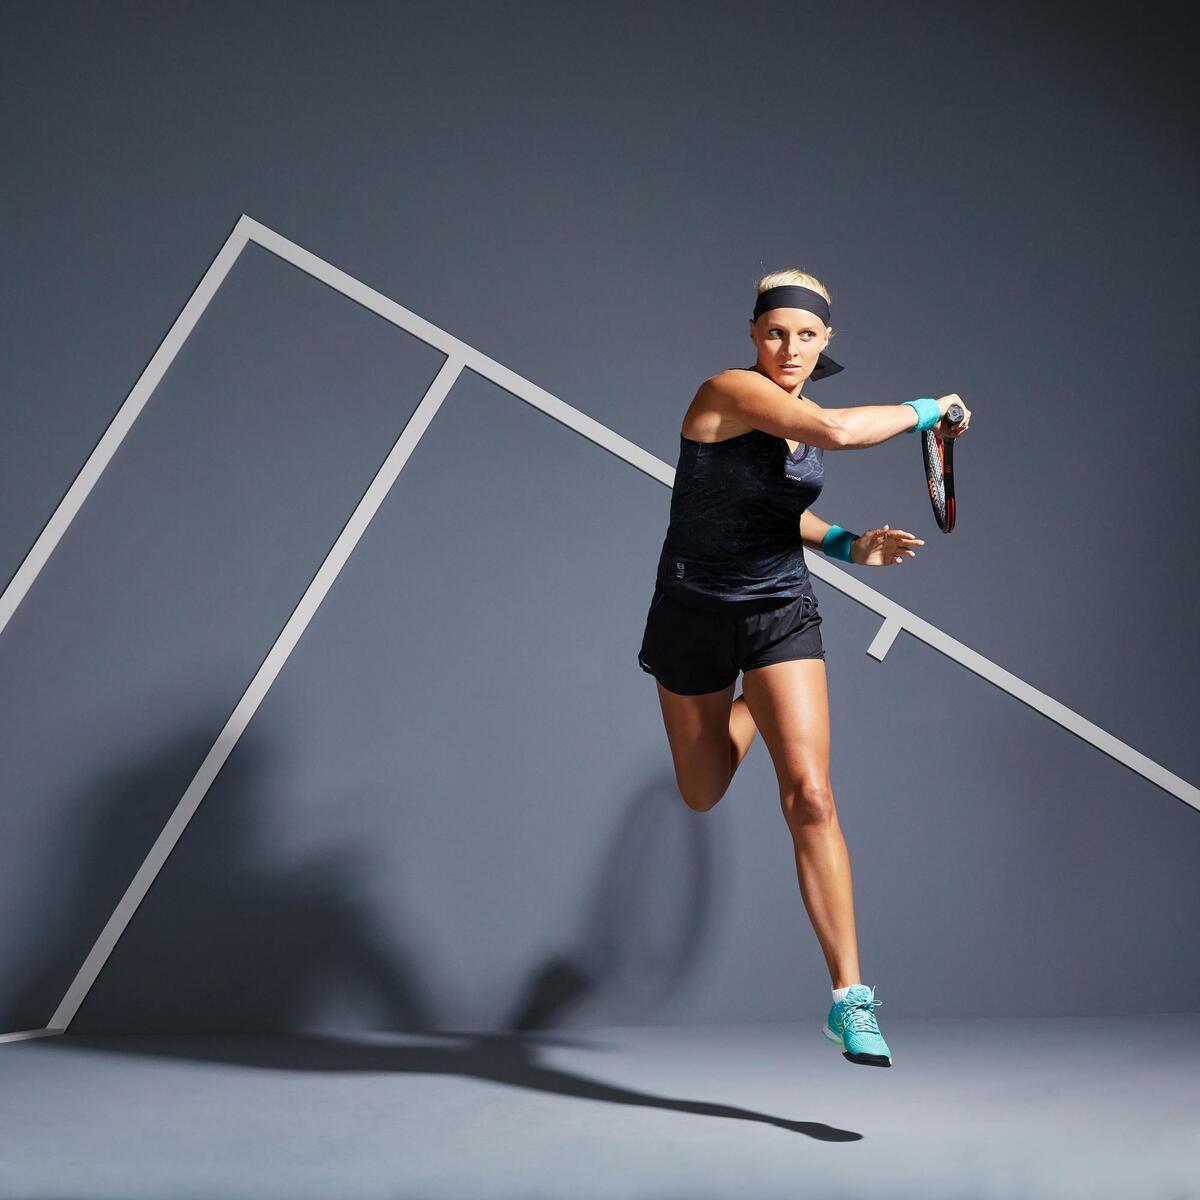 Bild 2 von Tennis-Shorts SH light 900 Tennis Damen grau/schwarz